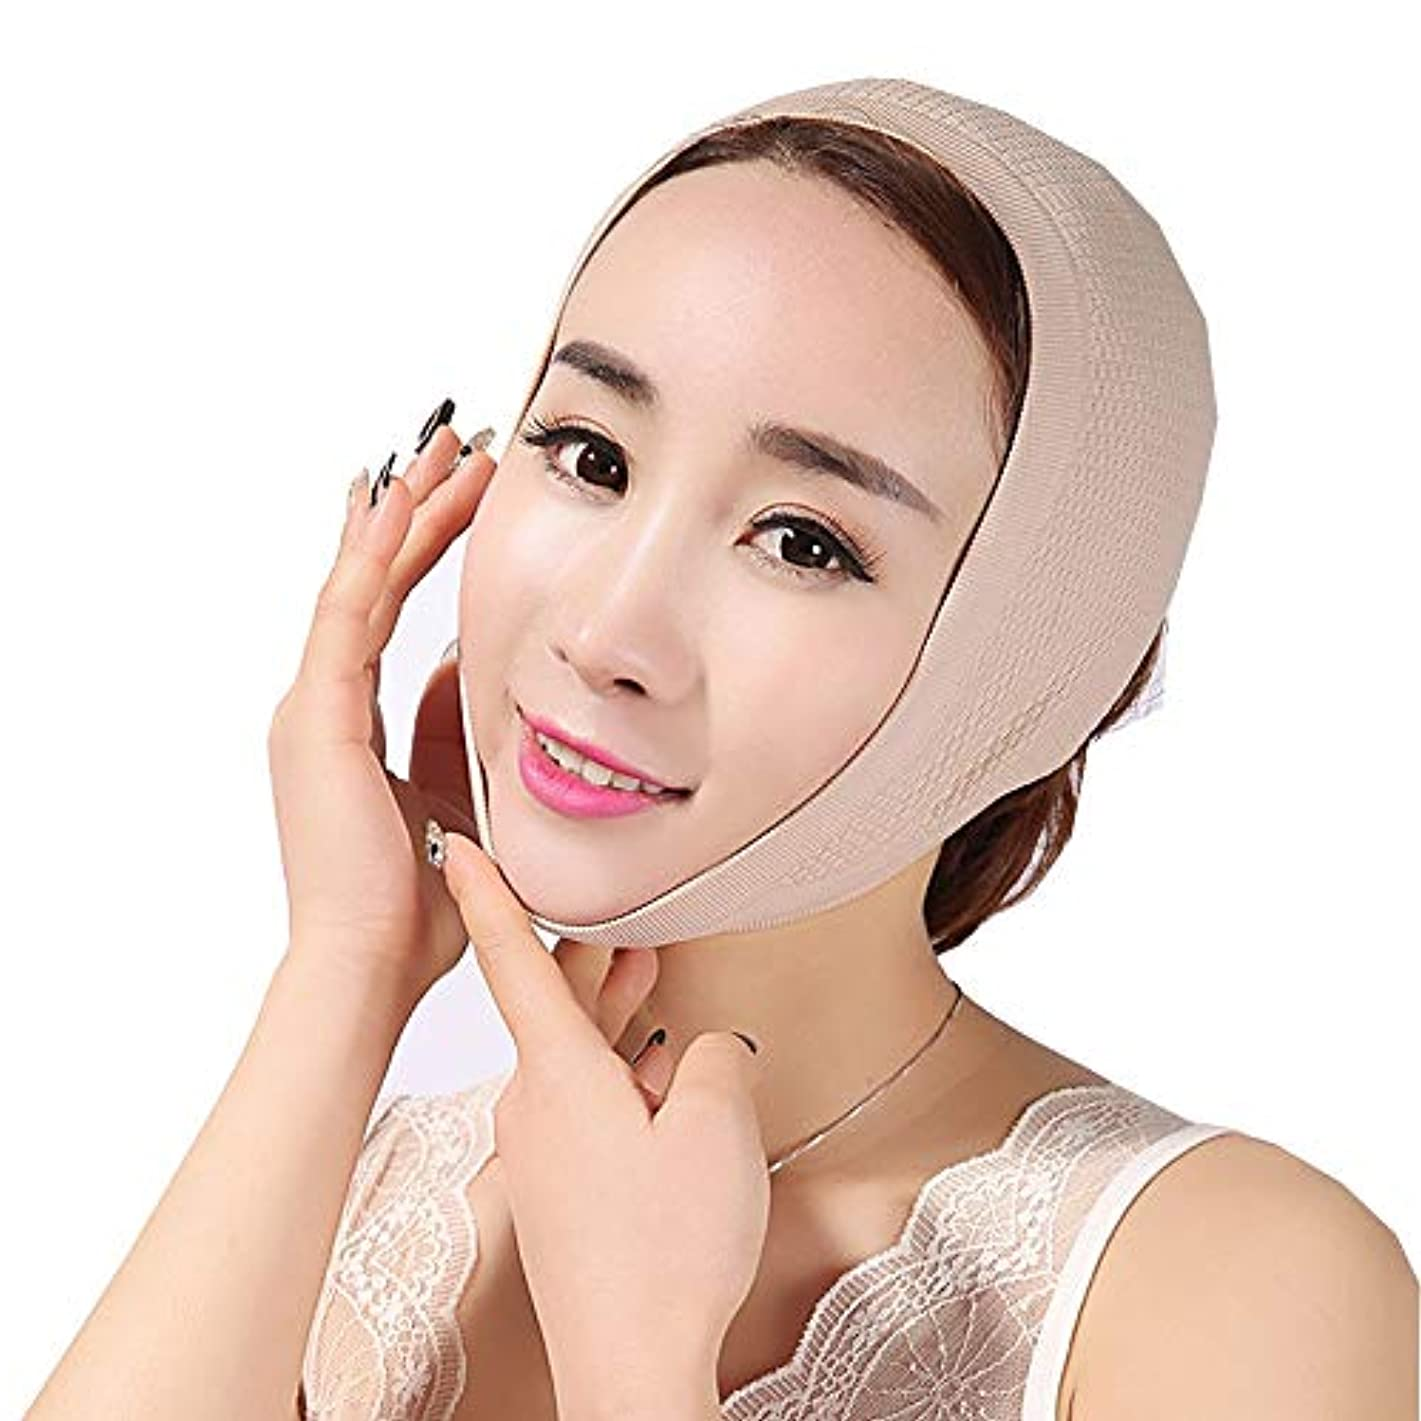 憲法配管するGYZ フェイスマスクで眠る薄い顔フェイスリフトフェイスリフトアーティファクトスモールフェイスVフェイスリフト付きフェイスフェイス包帯引き上げジョーセット Thin Face Belt